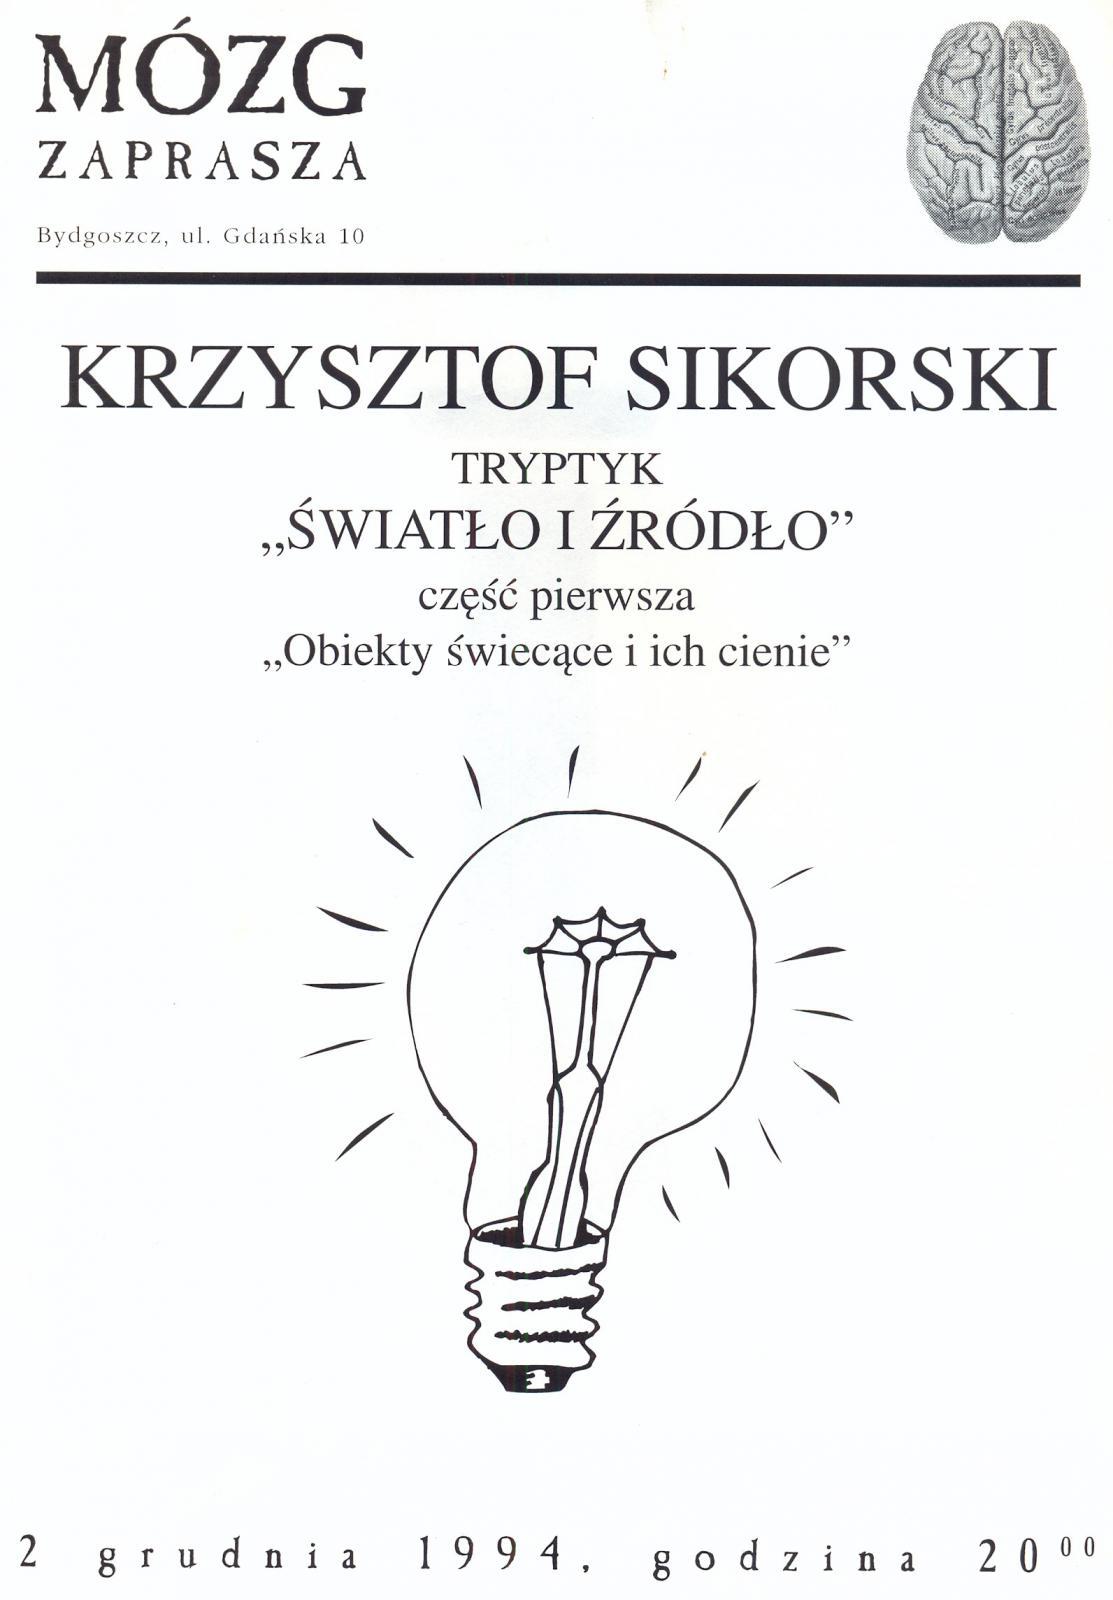 """Krzysztof Sikorski: tryptyk """"Światło i zródło"""", cz. I - """"Obiekty świecące i ich cienie"""""""